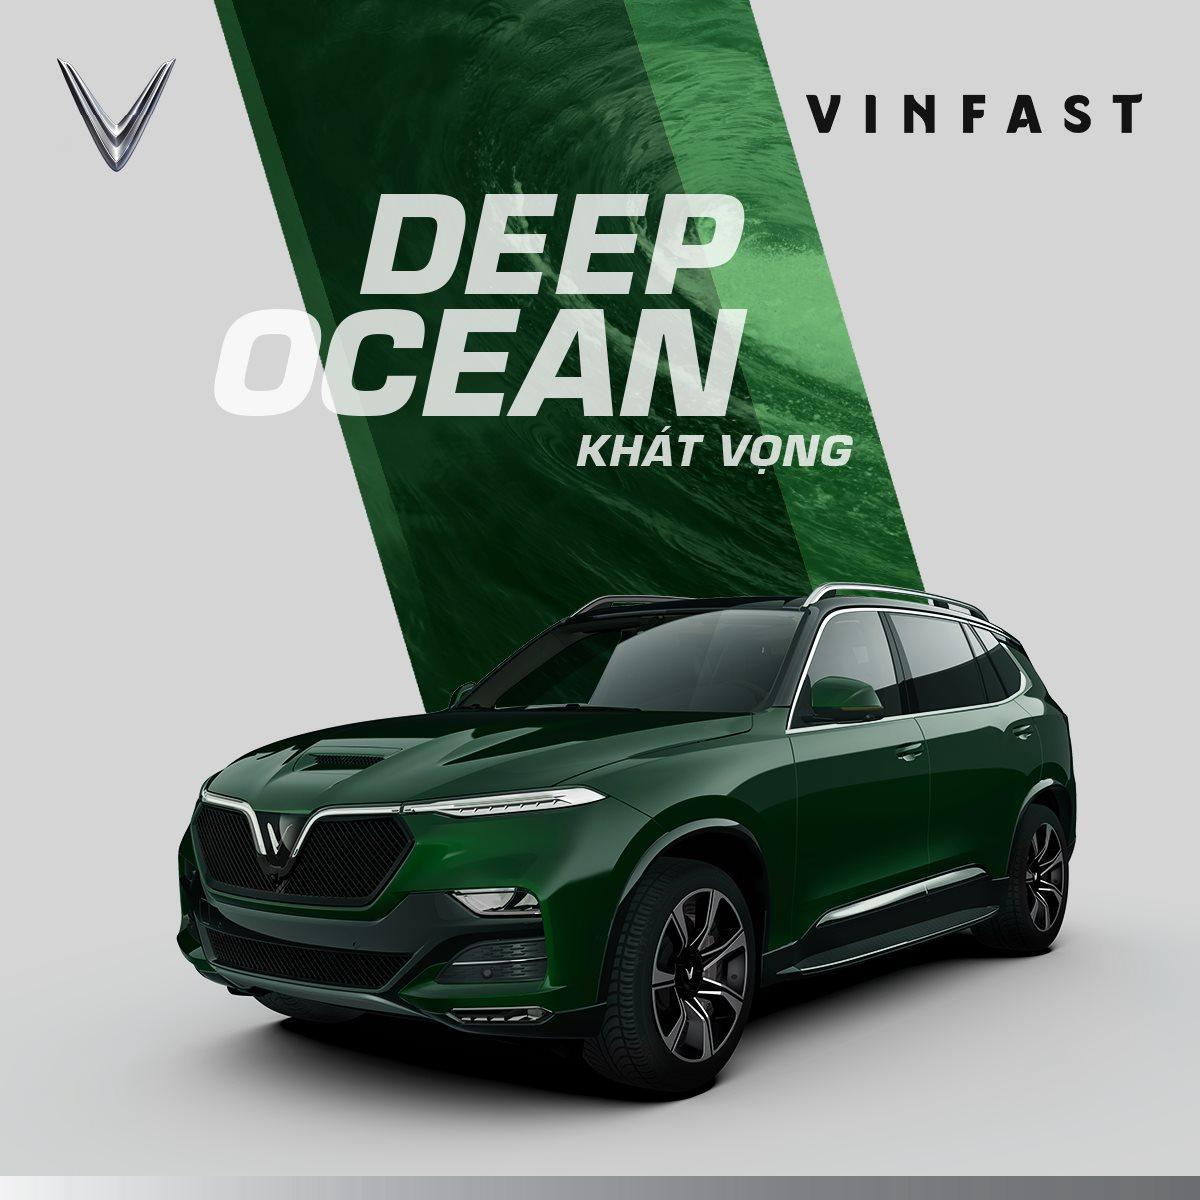 vinfast-president-deep-ocean